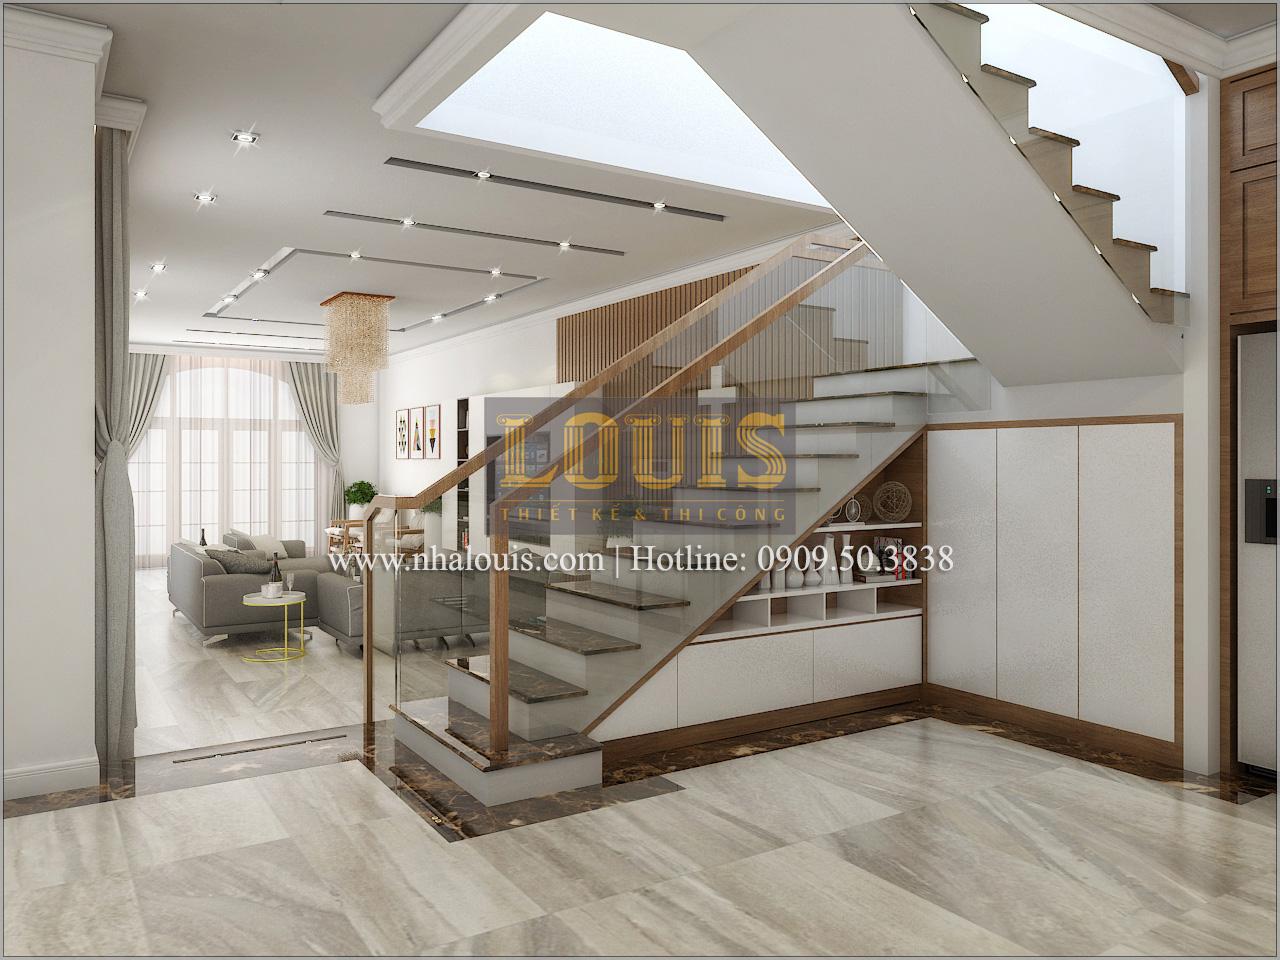 Thiết kế biệt thự cổ điển kết hợp kinh doanh tại Đồng Nai diễm lệ và kiêu sa - 12